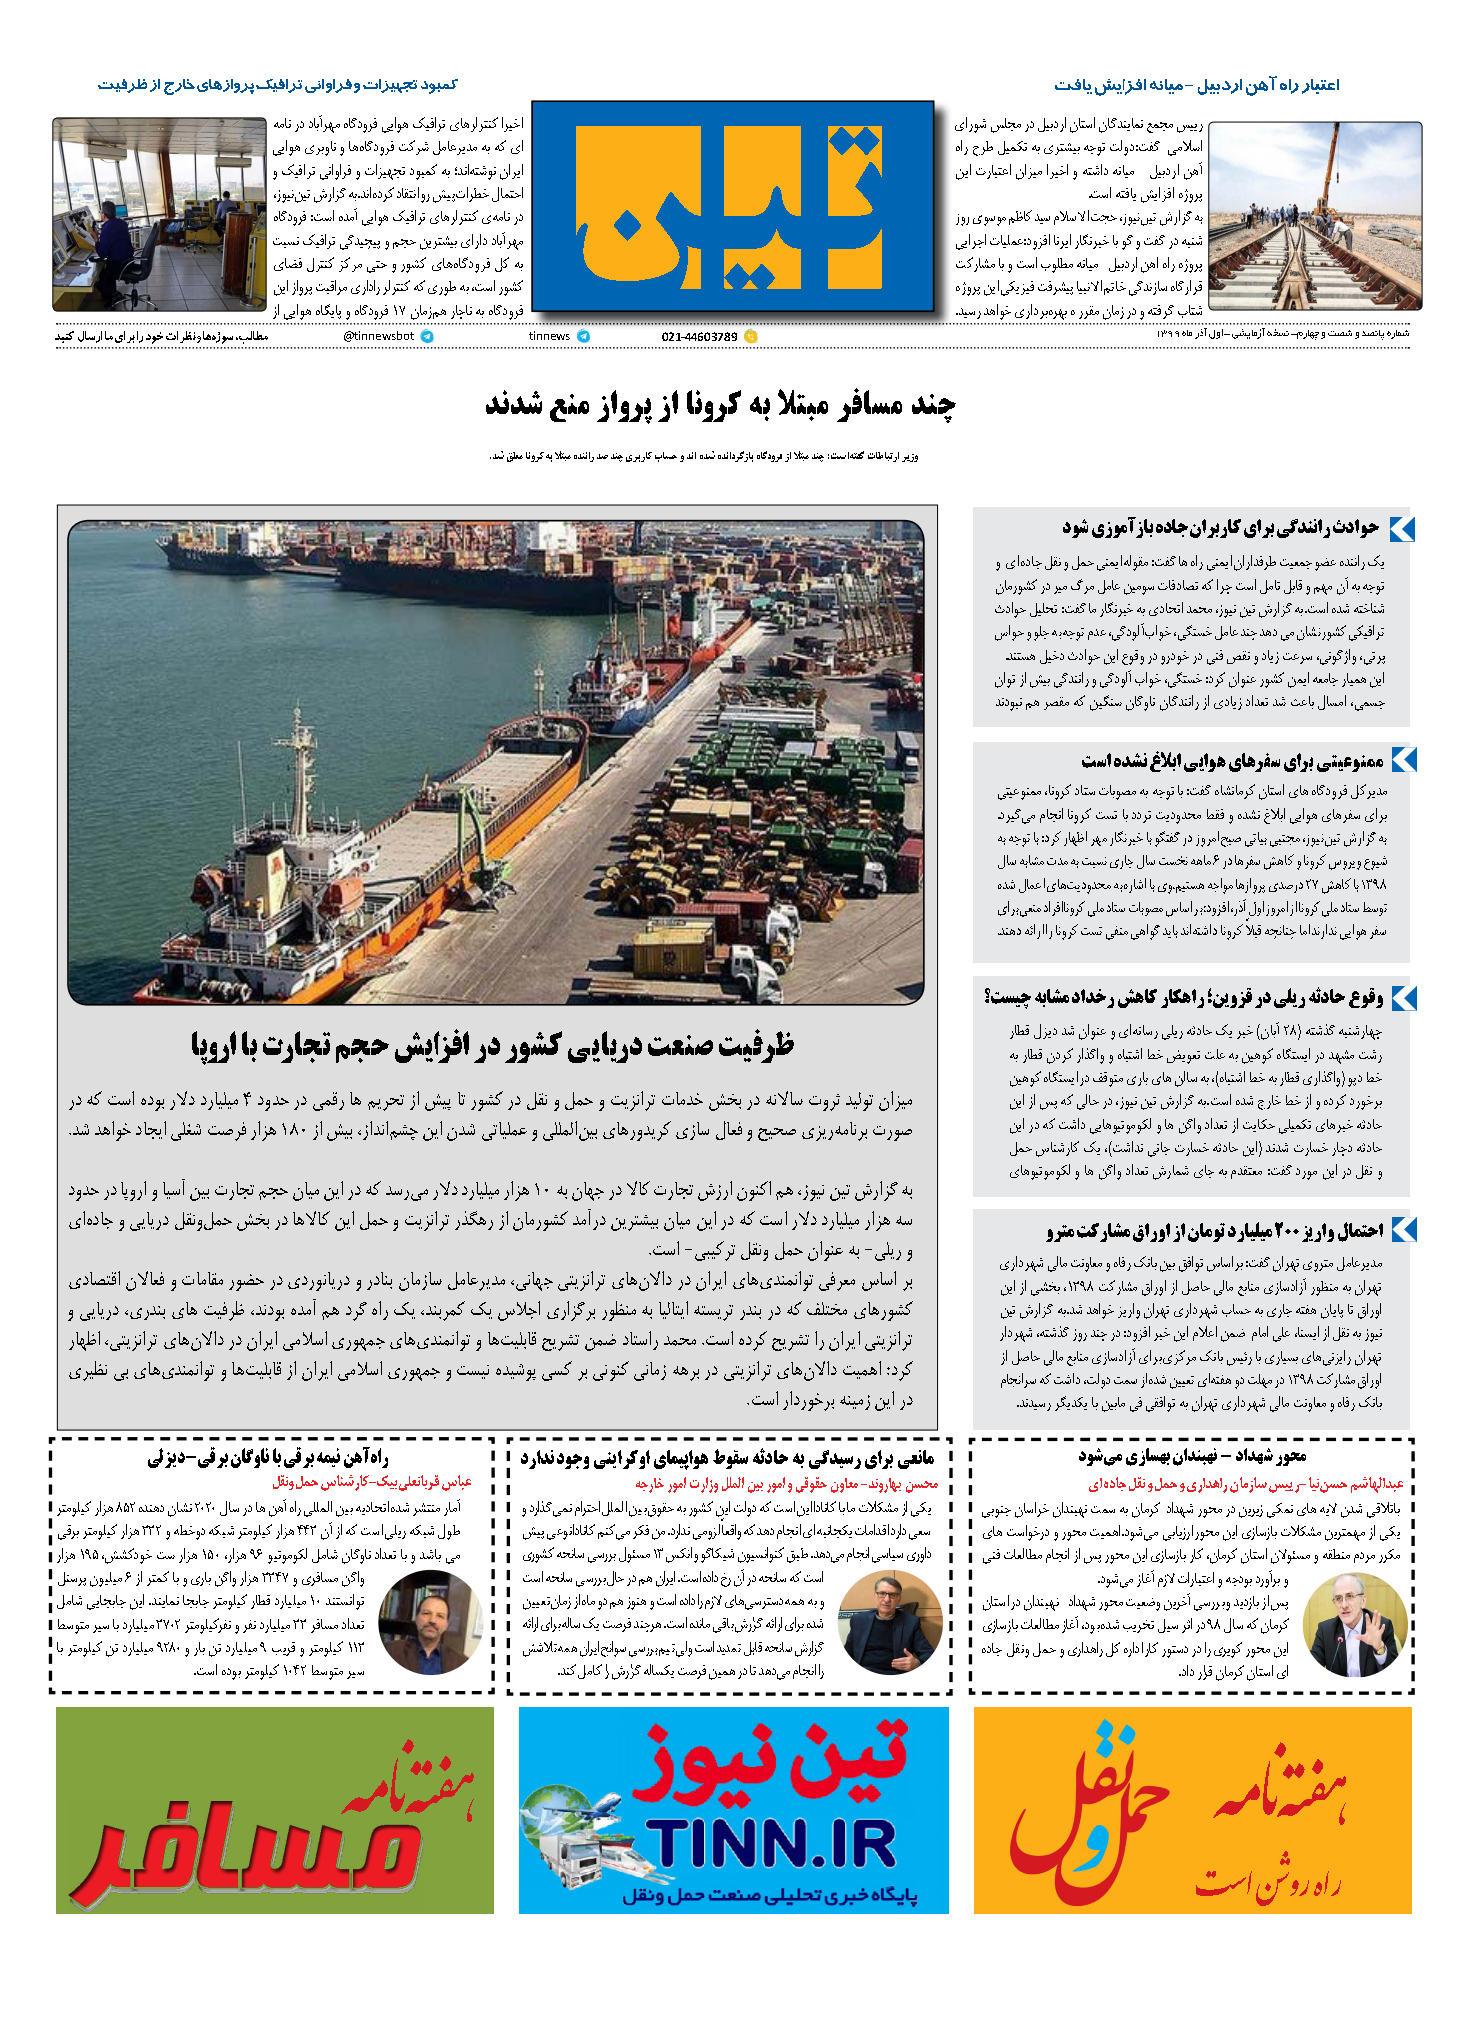 روزنامه الکترونیک 1 آذر ماه 99